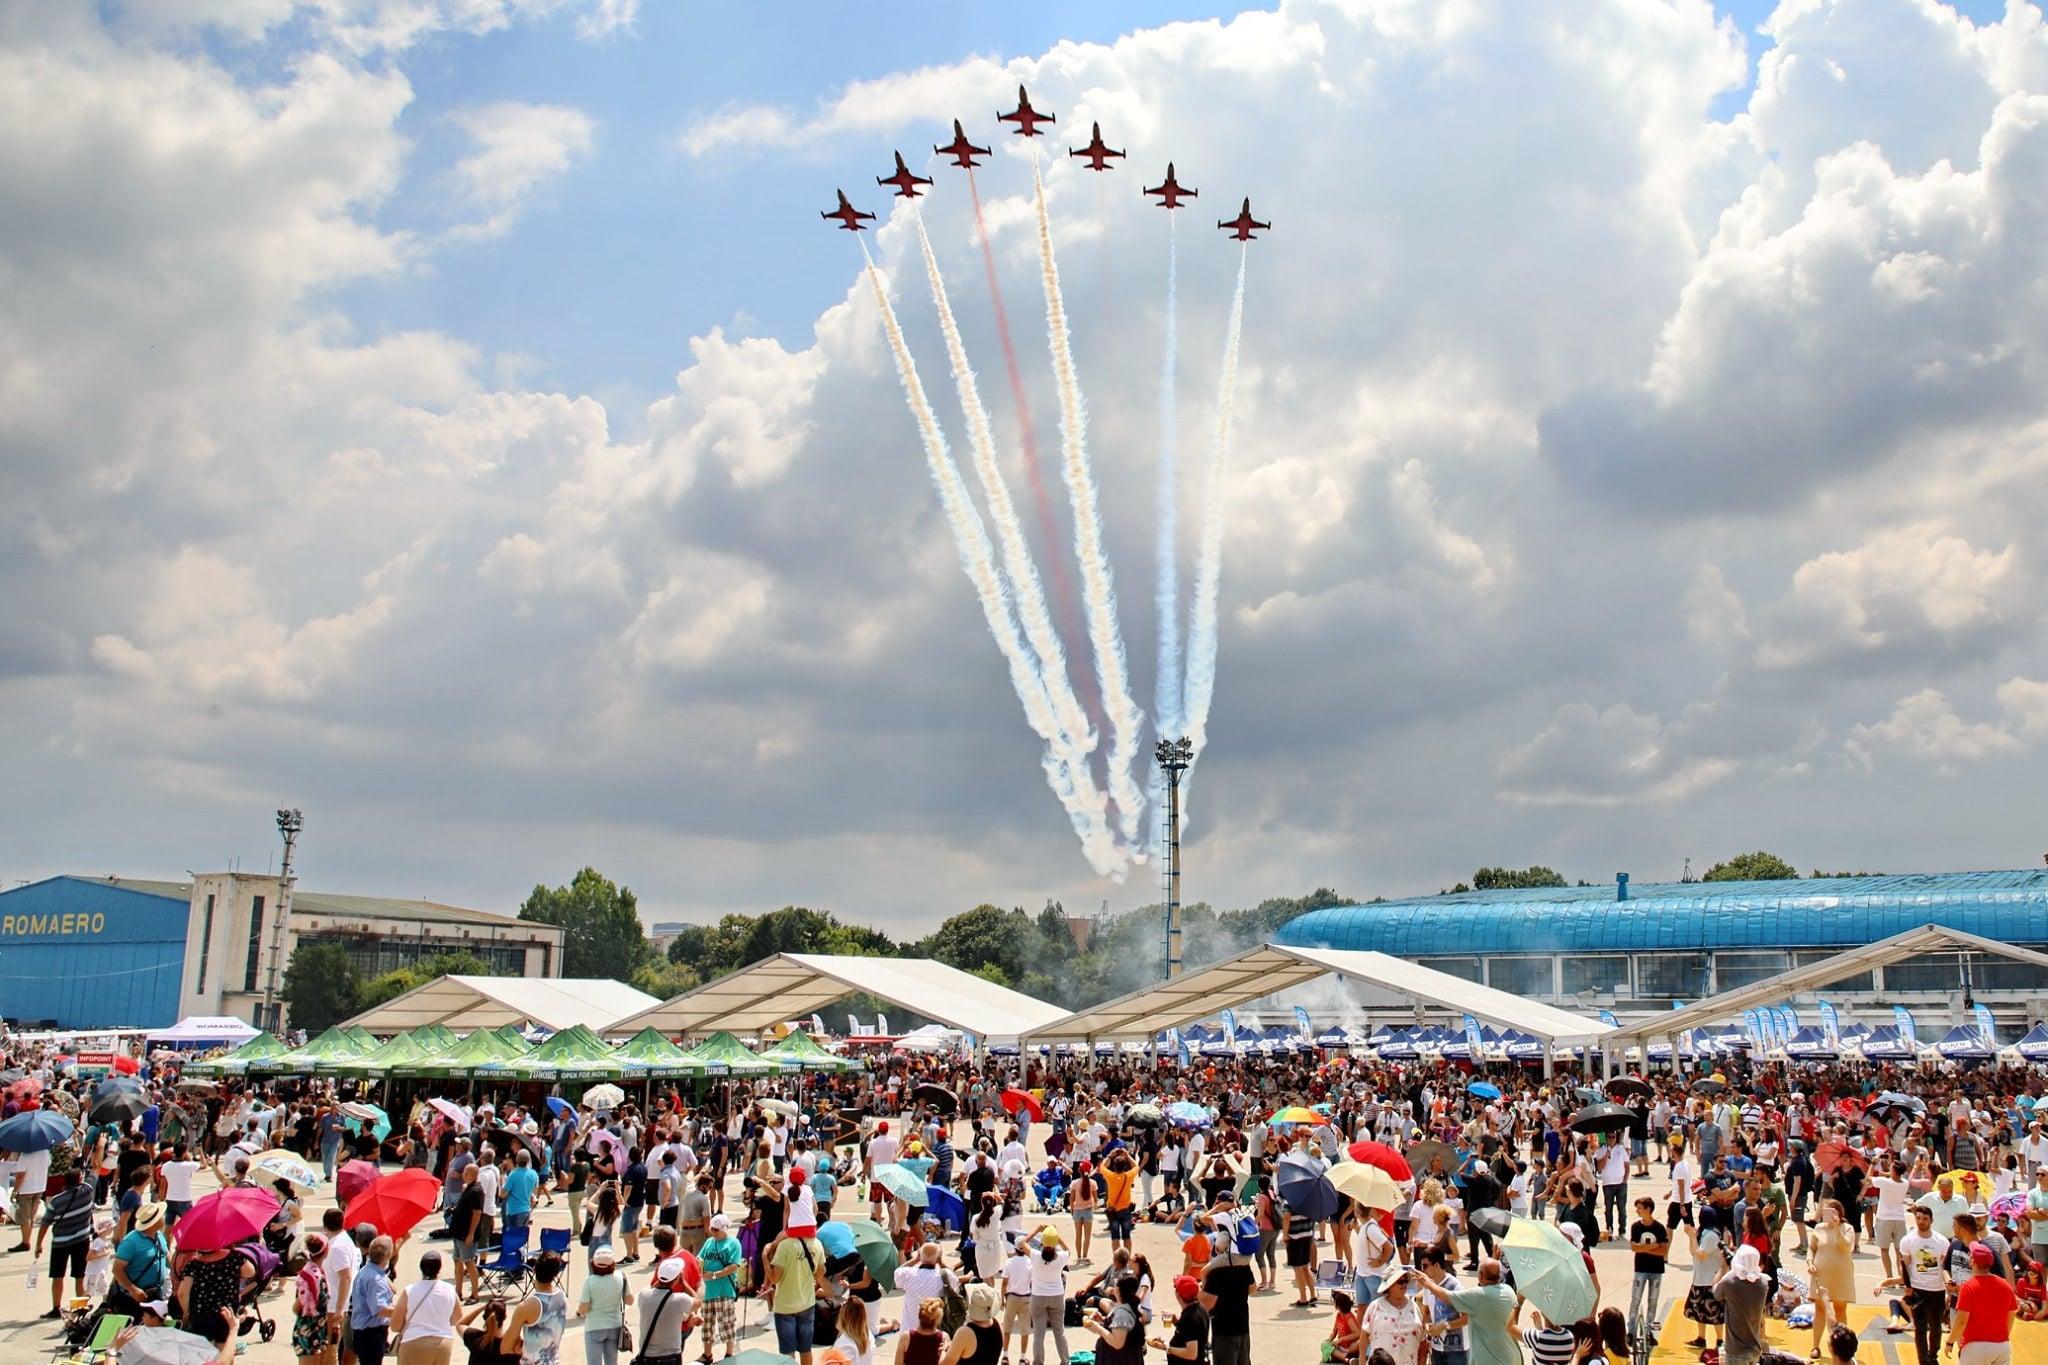 Spectacolul aviatic BIAS 2021 a fost amânat. Care este noua dată